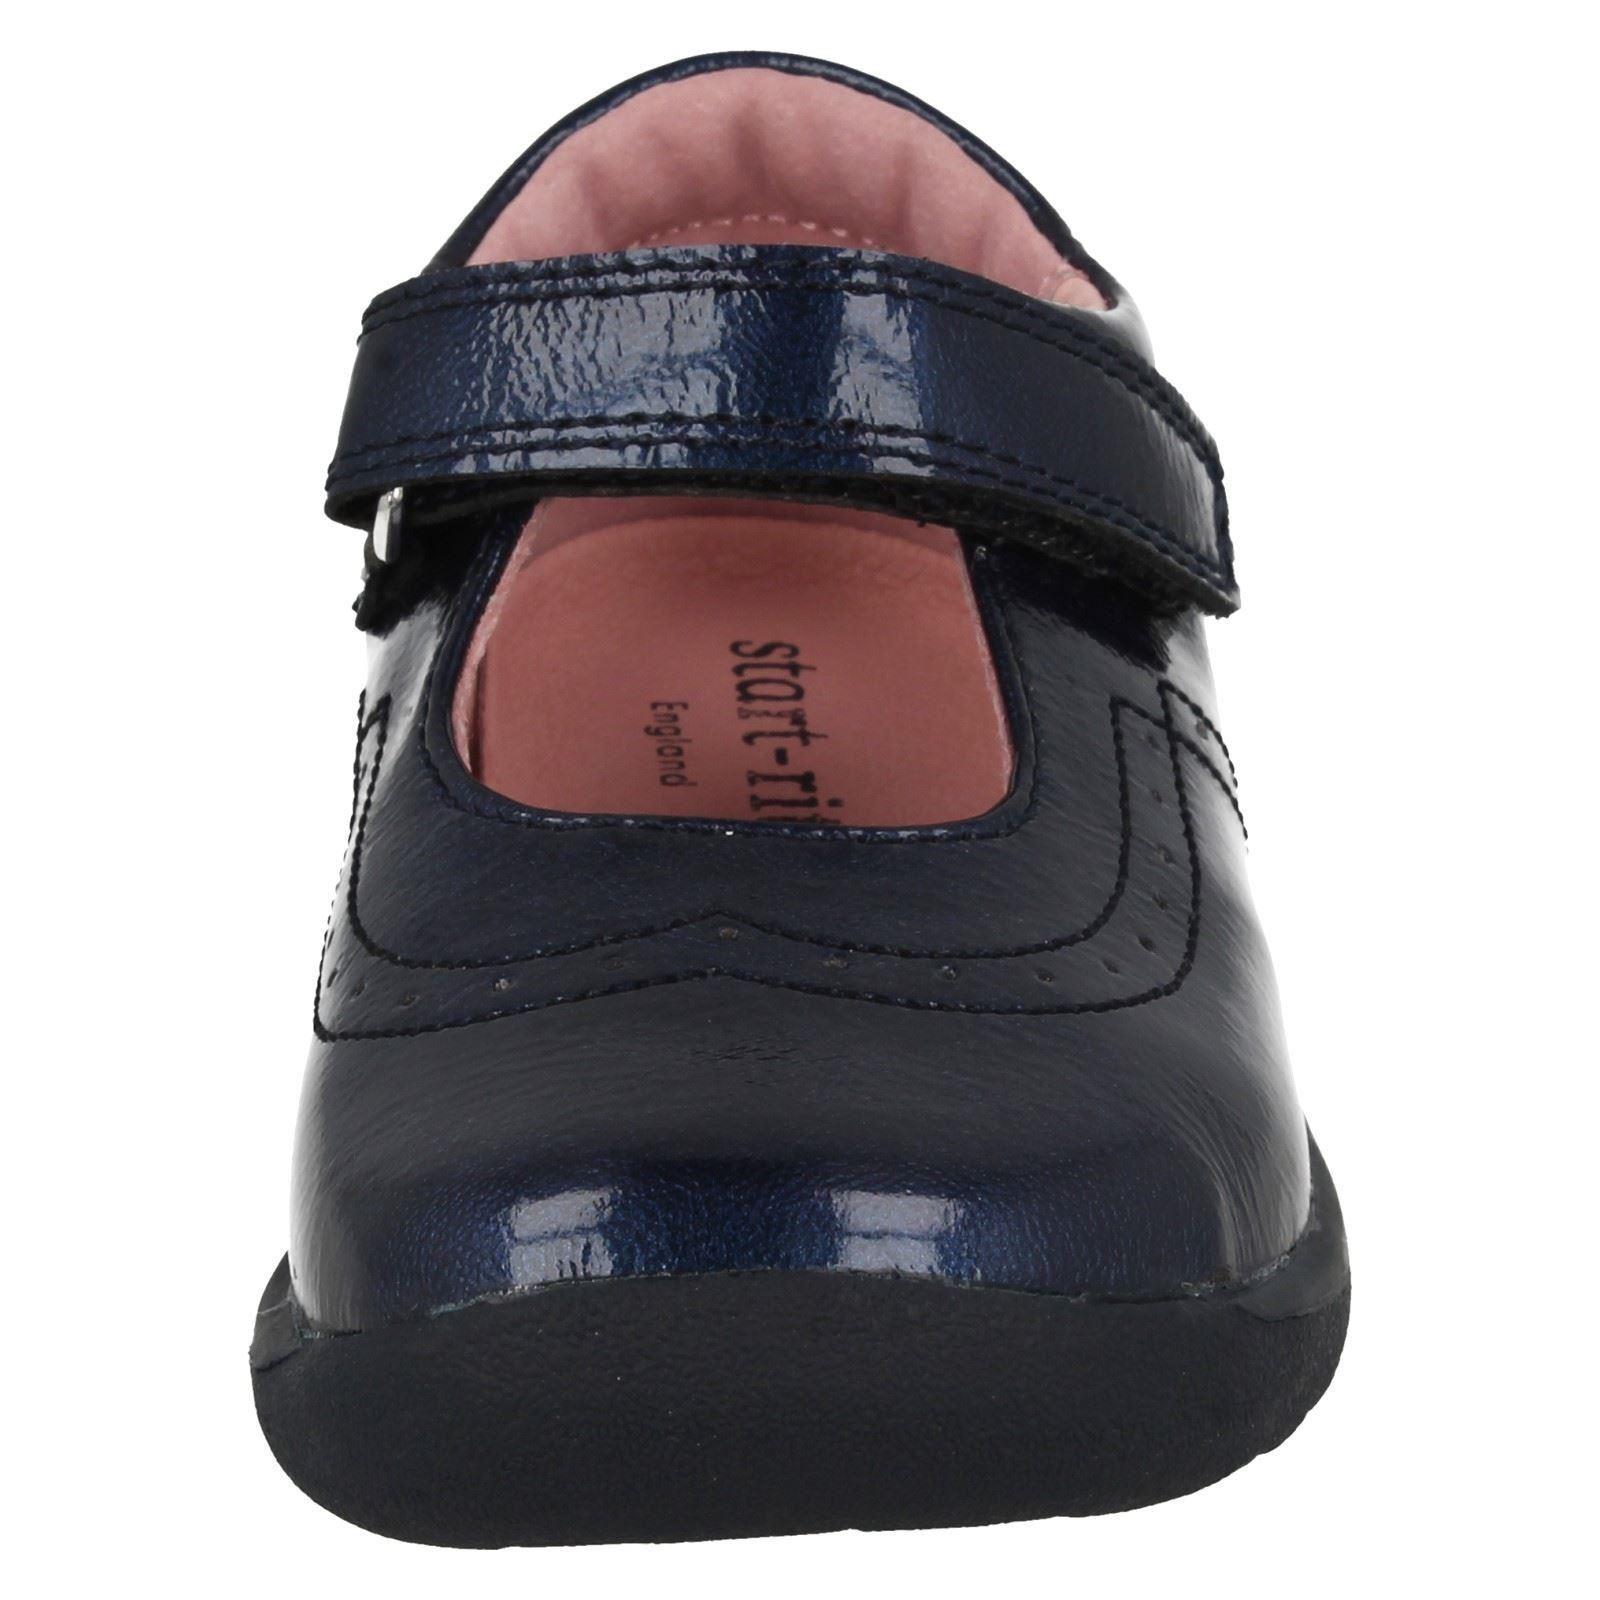 Infant Girls Startrite Super Soft Smart Shoes SRSS Alice